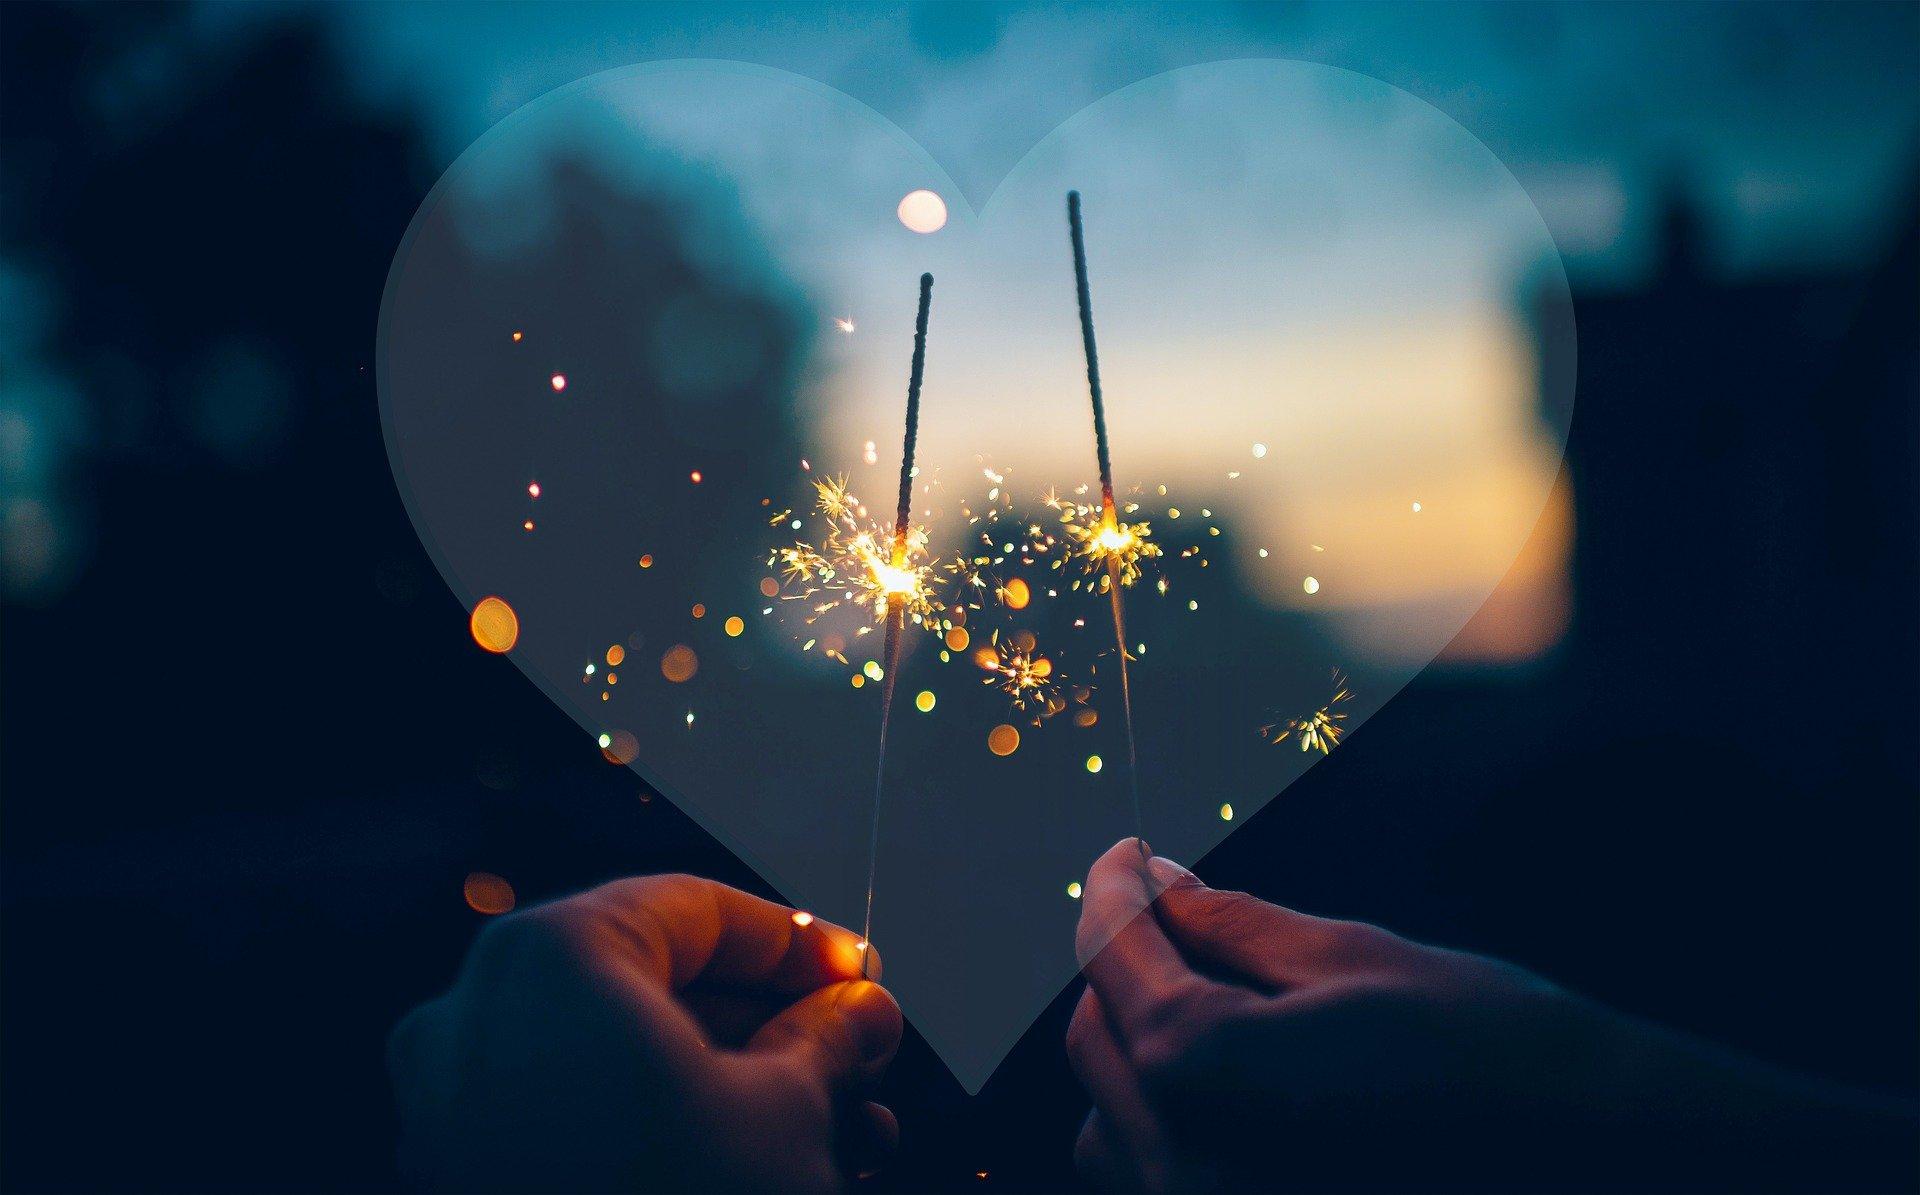 12星座別の相性運勢を参考に2021年も素敵な恋愛をしよう